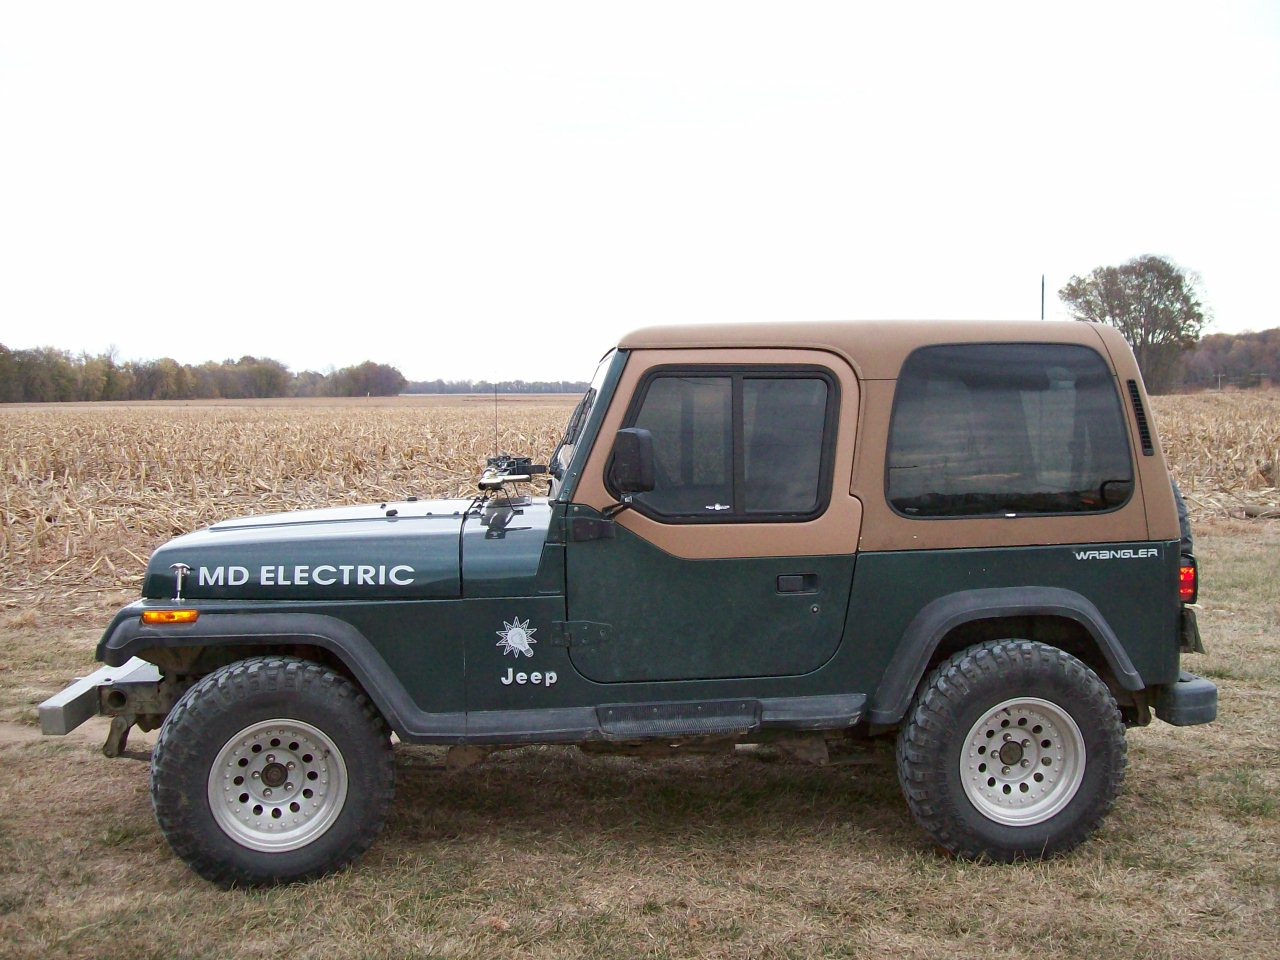 Jeep Wrangler Upper Doors Yj 87 95 1988 Hard Top